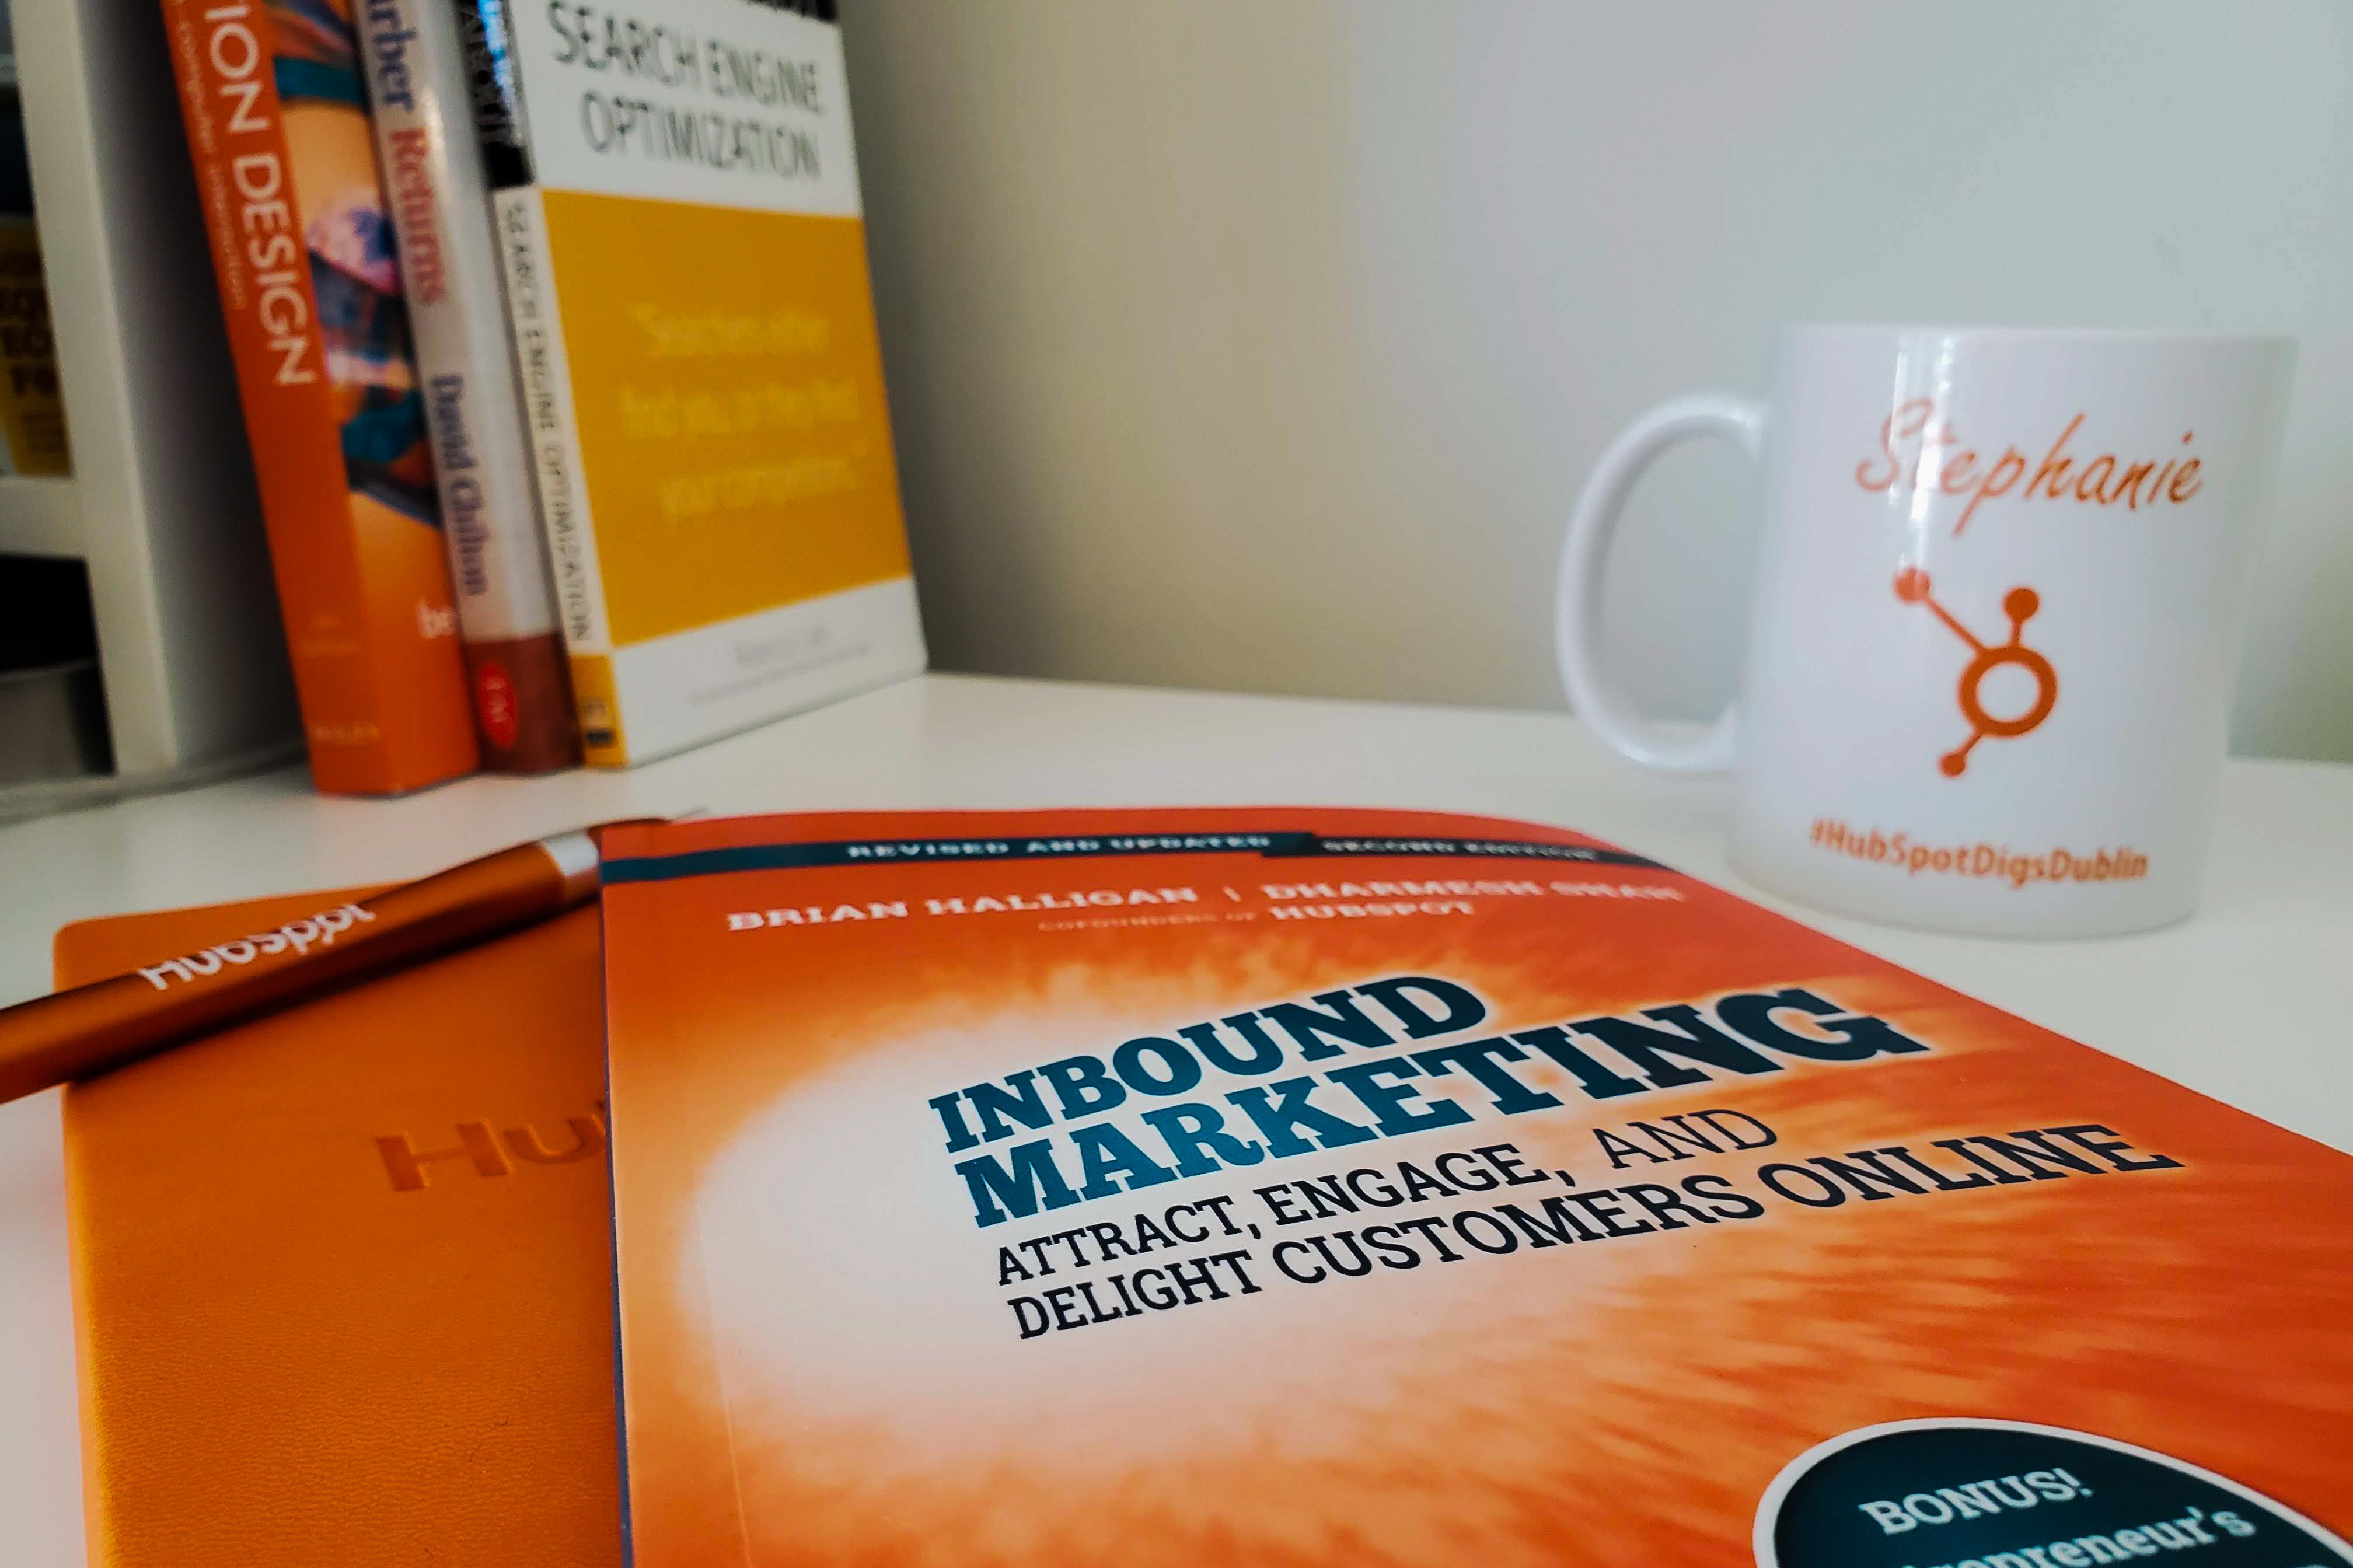 HubSpot Inbound Marketing book by Brian Halligan and Dharmesh Shah